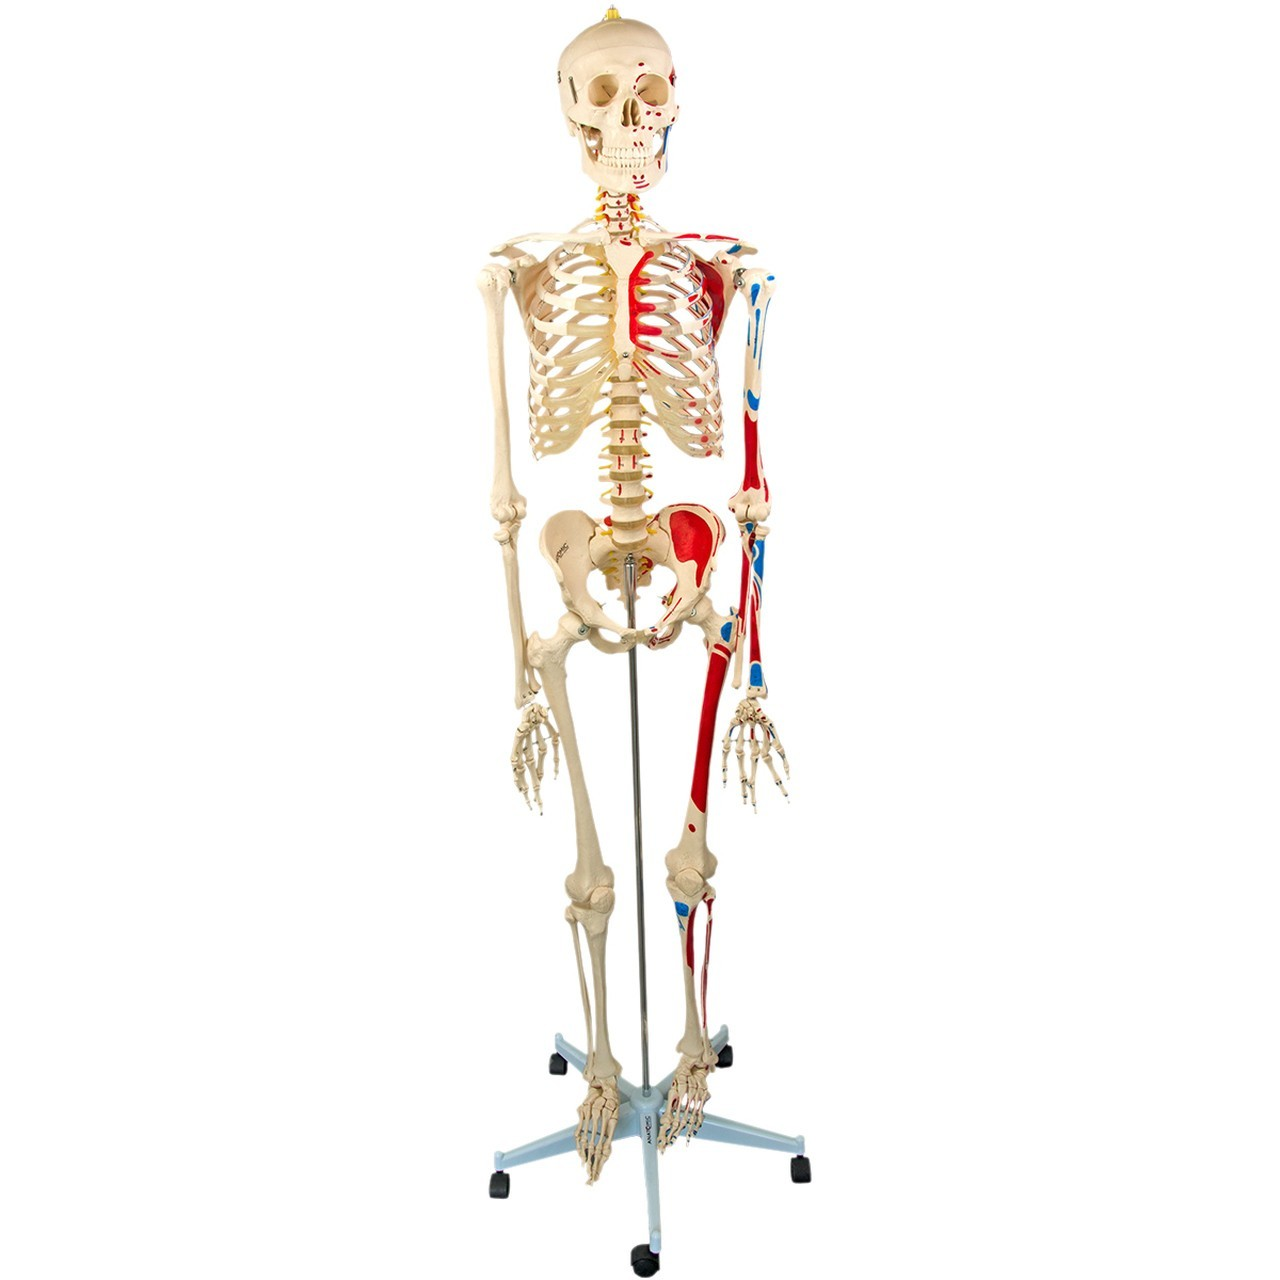 Esqueleto 168 cm, Articulado, com Inserções Musculares, Suporte e Base com Rodas